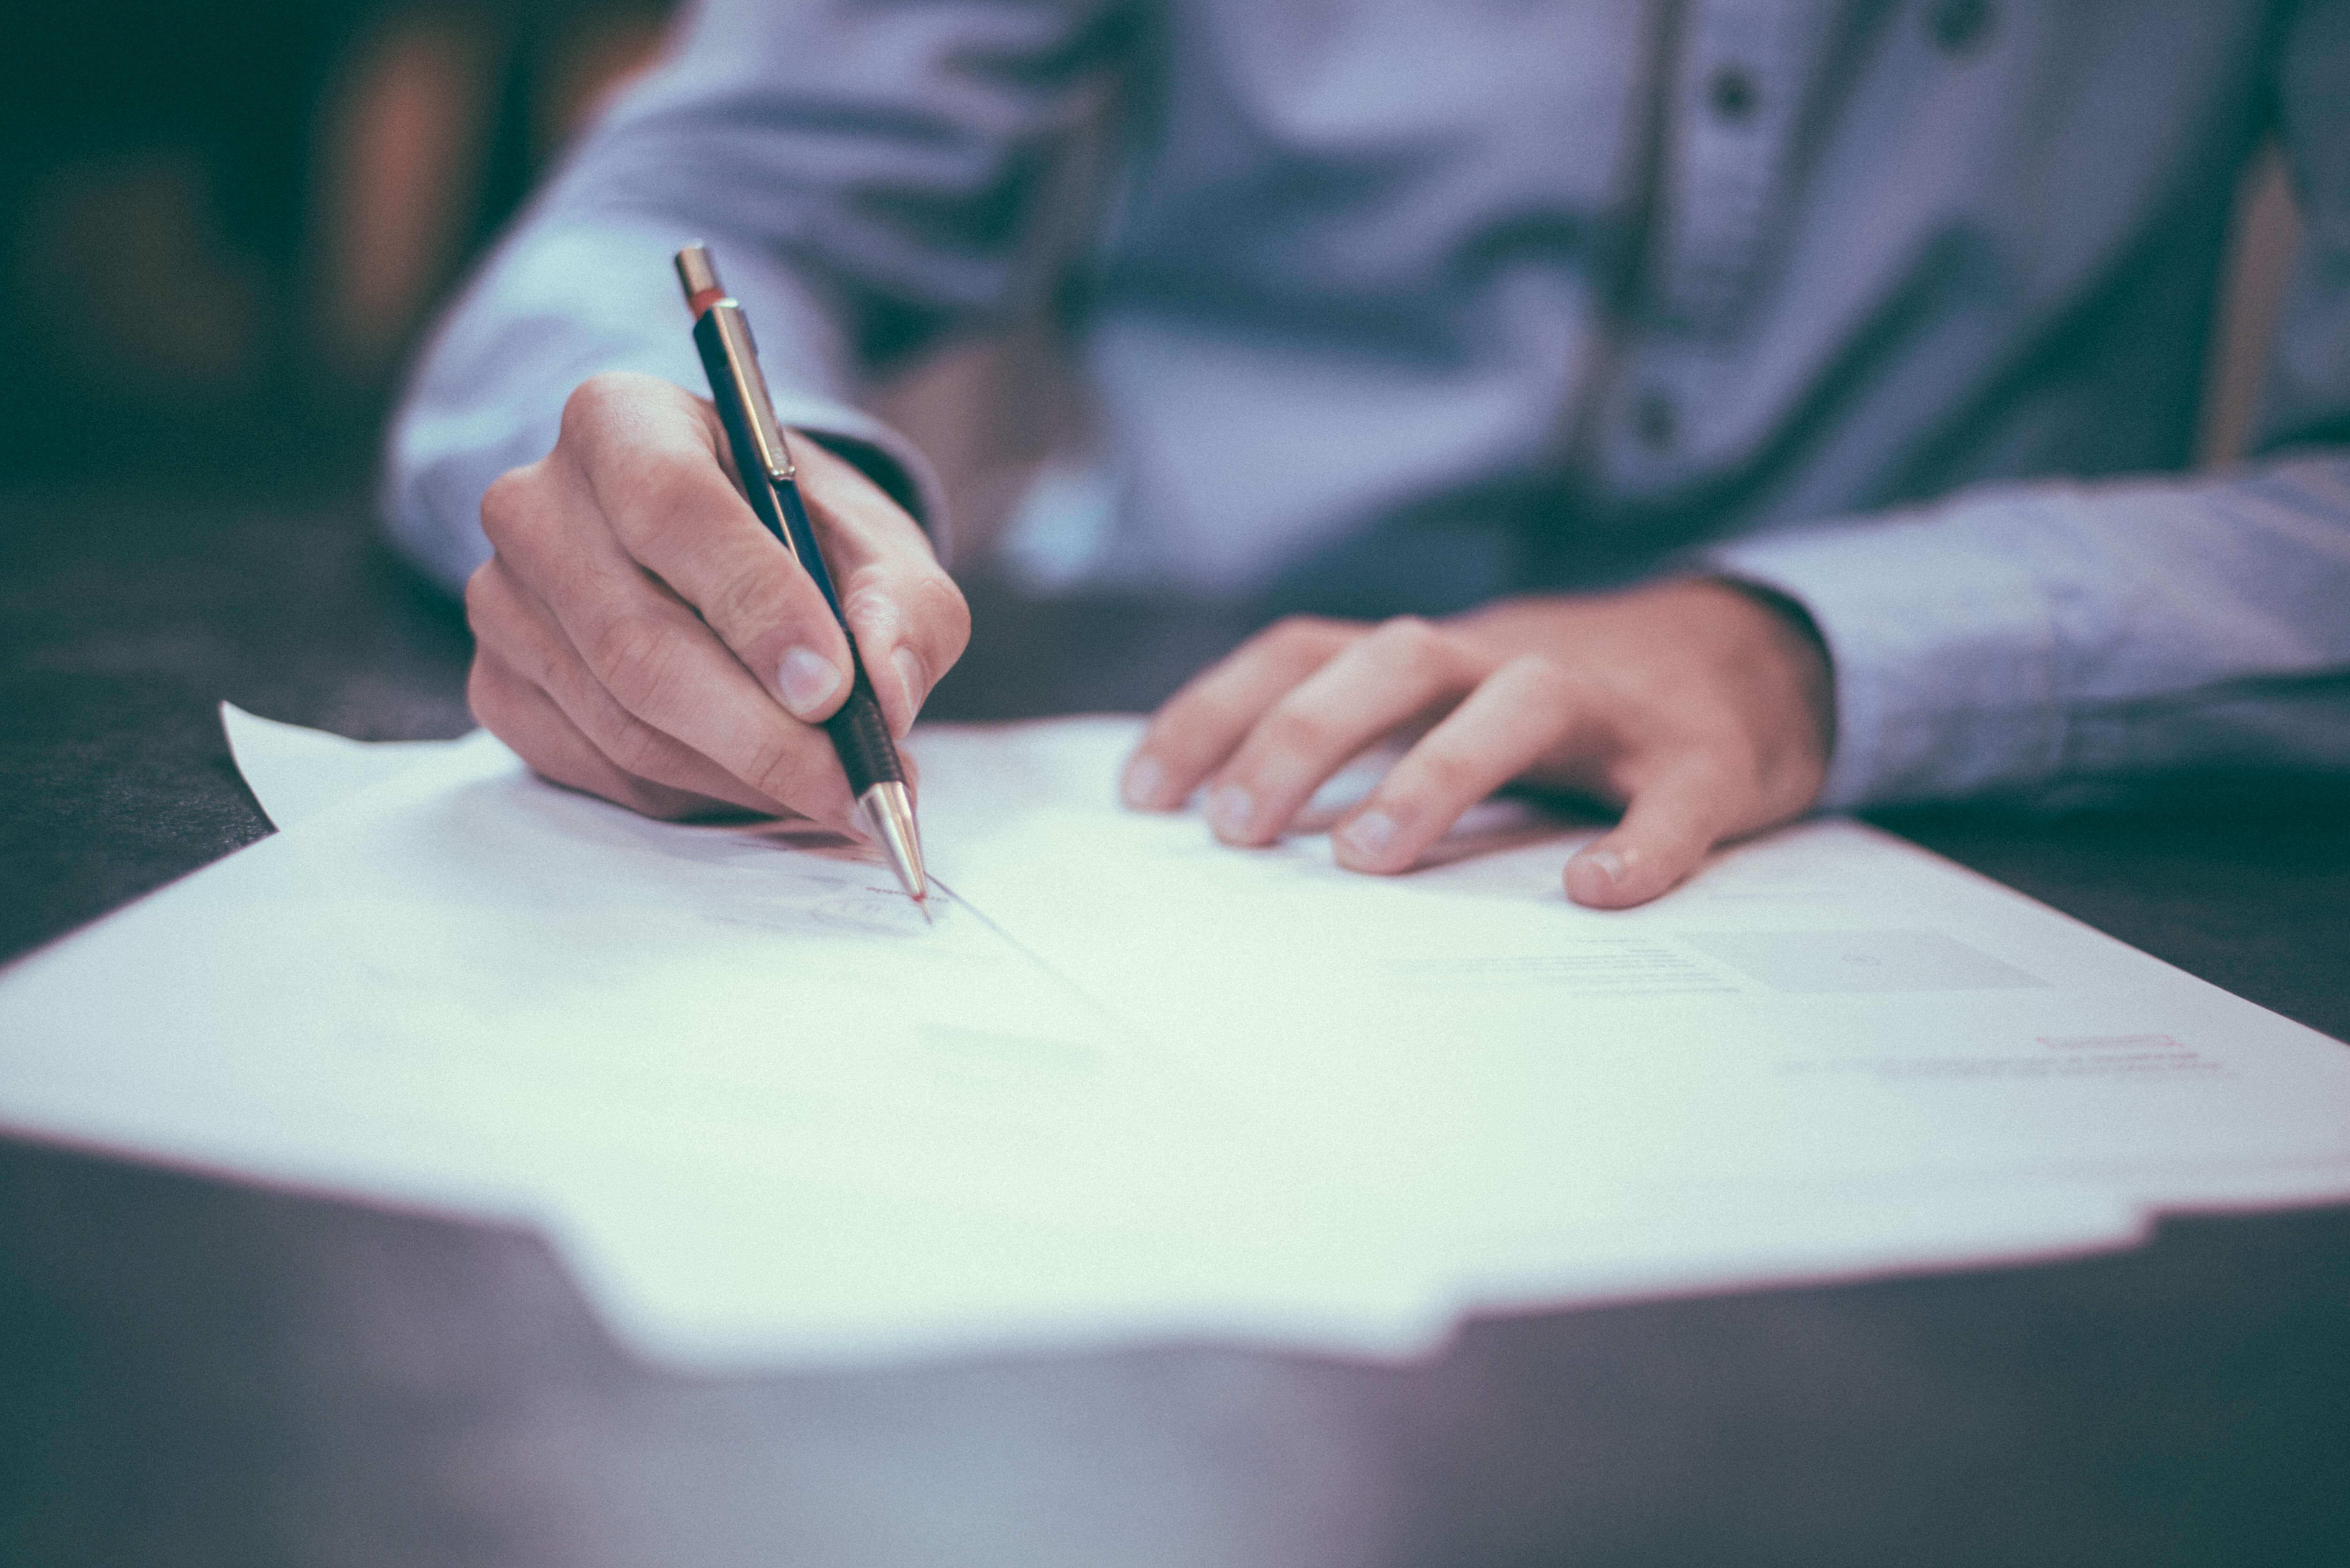 kosten vaststellingsovereenkomst controleren Direct juridisch advies Amsterdam online uploaden advocaat ontslagrecht ontslag